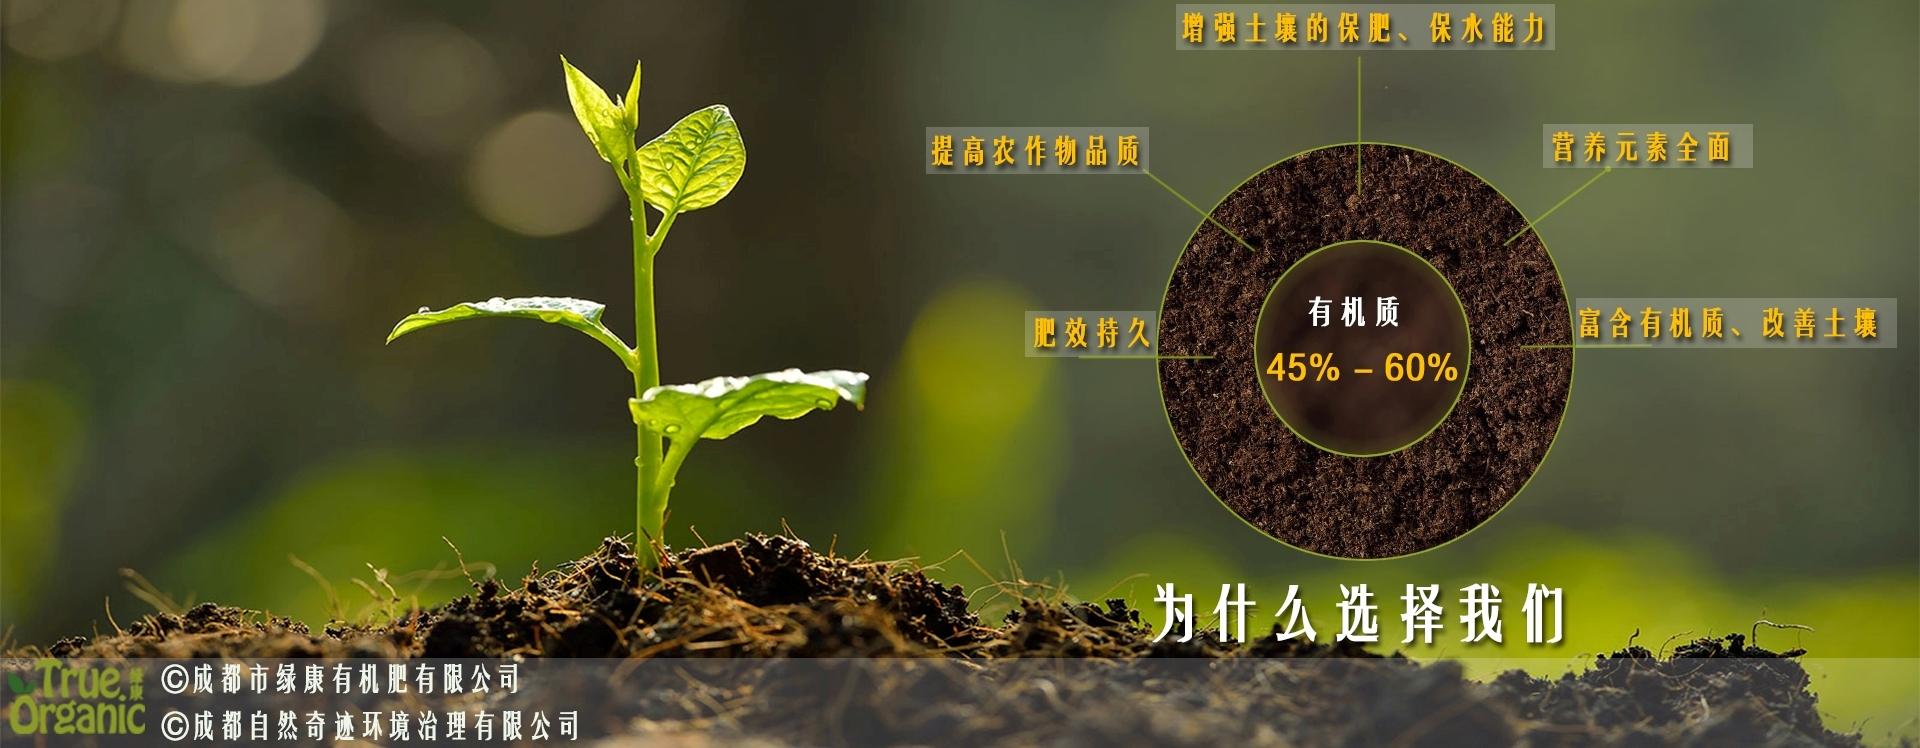 为什么选择我们_一个老园丁的肥料指南